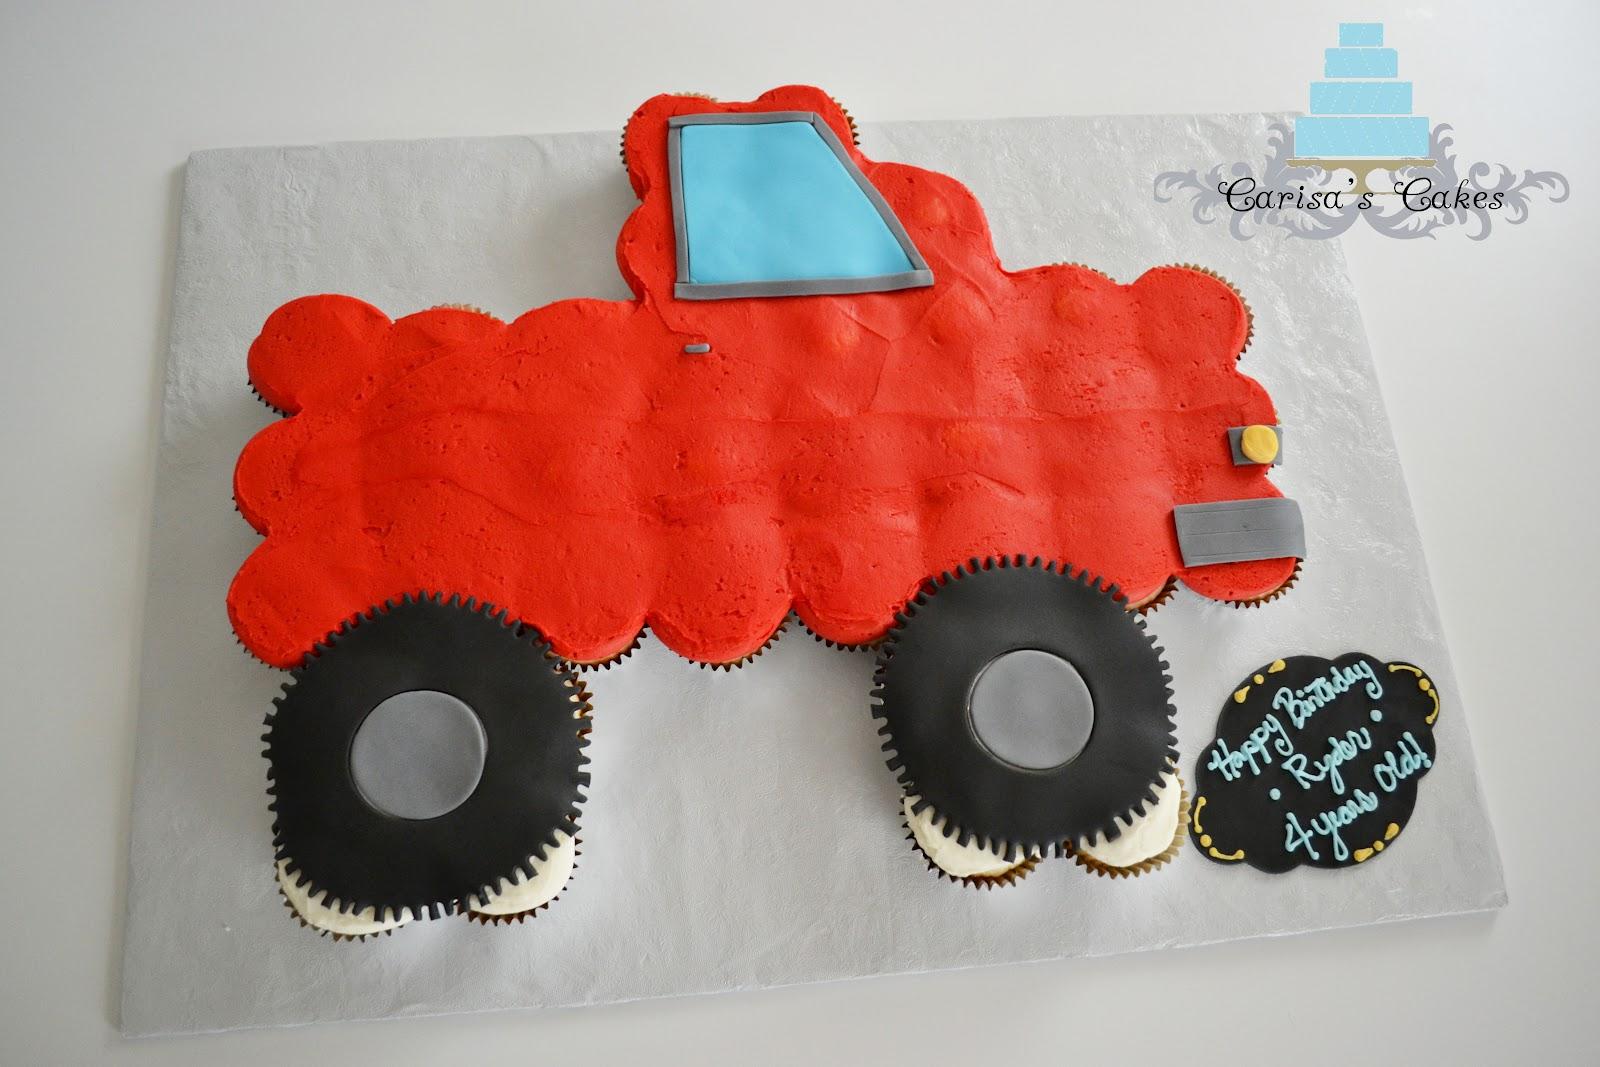 Carisa's Cakes: Truck Cupcake Pullapart